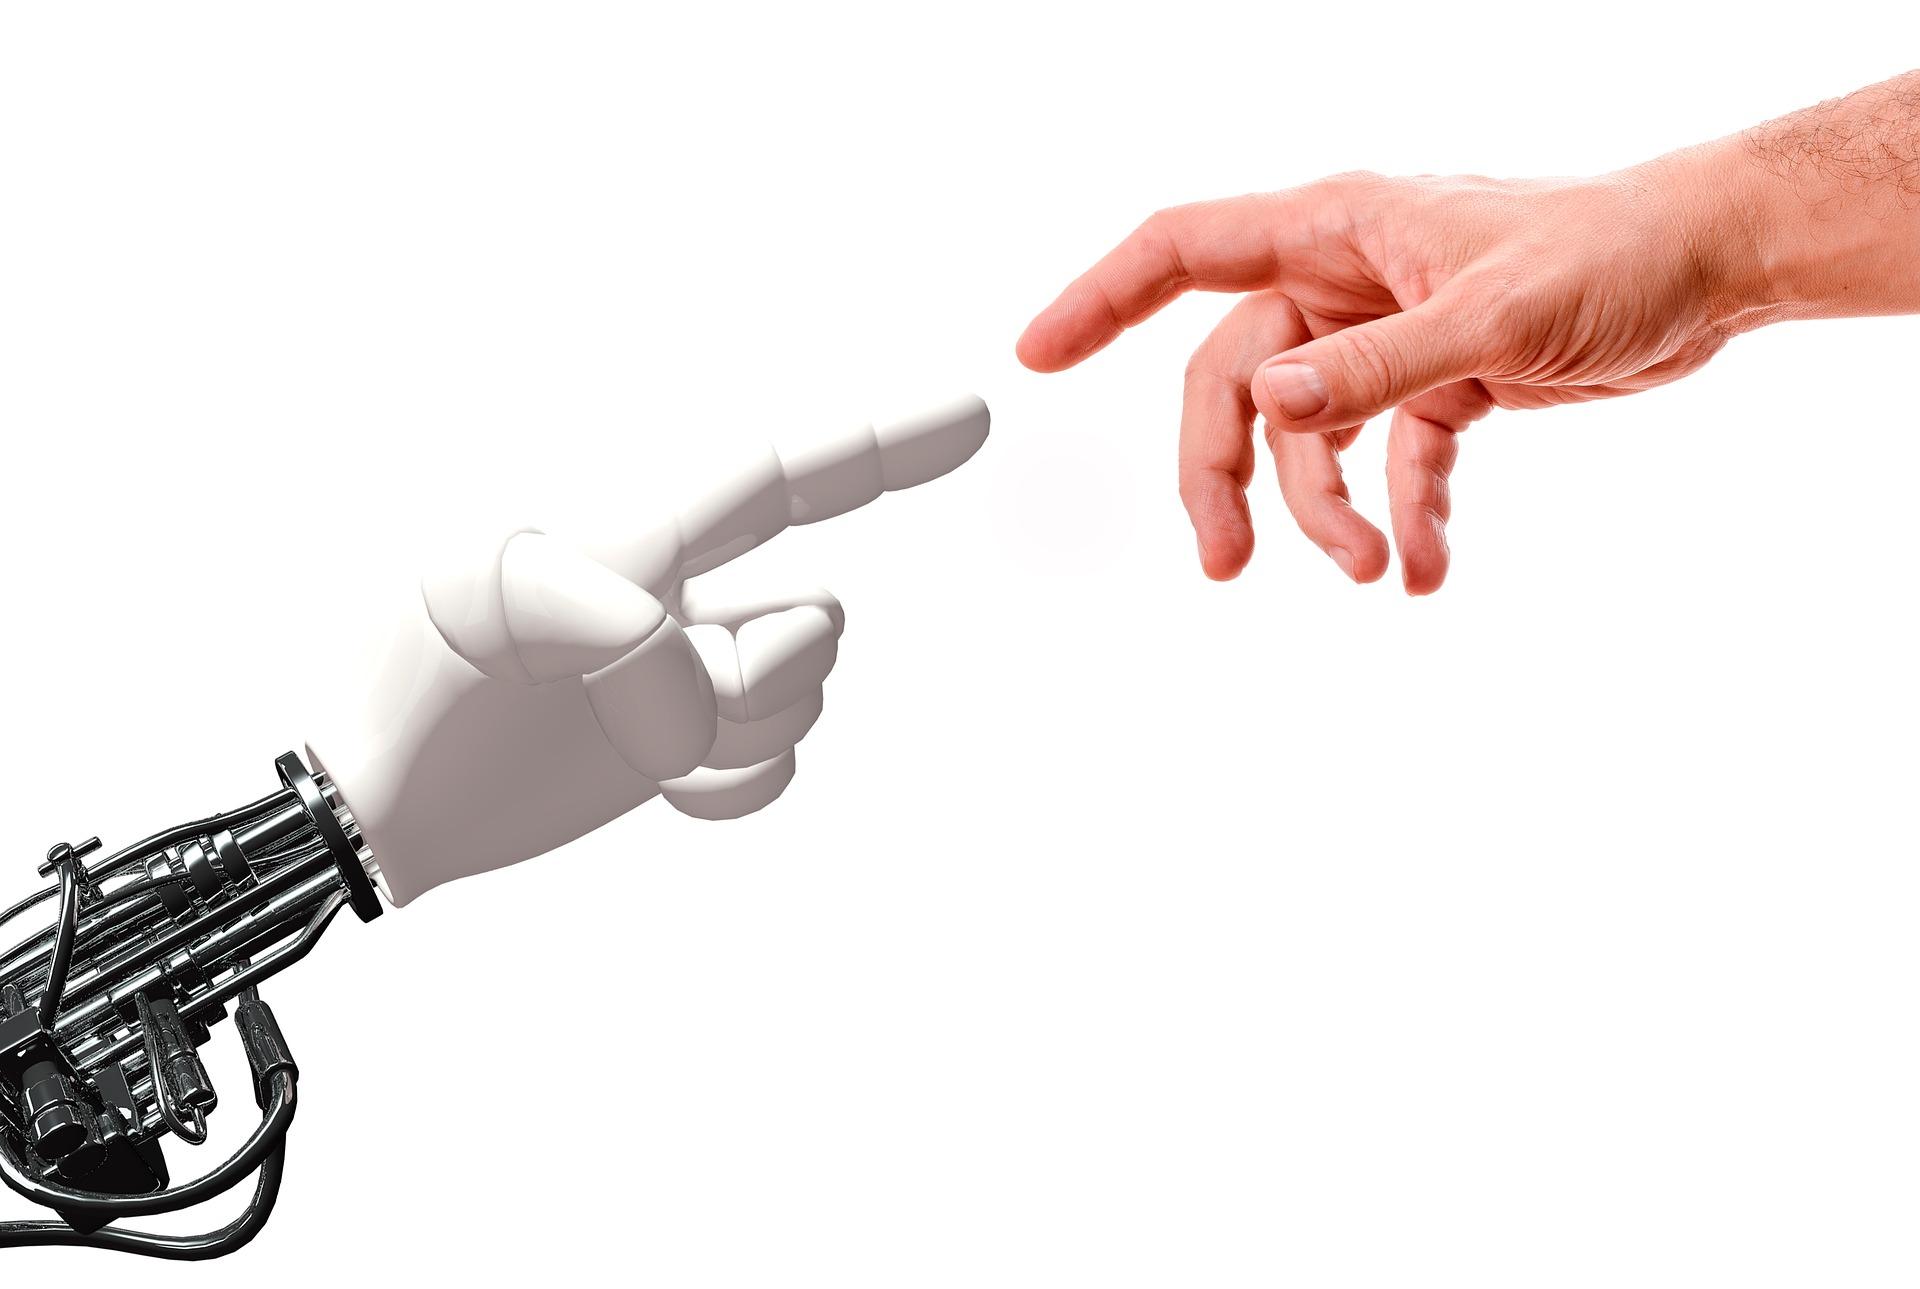 Nový Fénix | Moderní technologie: pokrok nebo zničení?